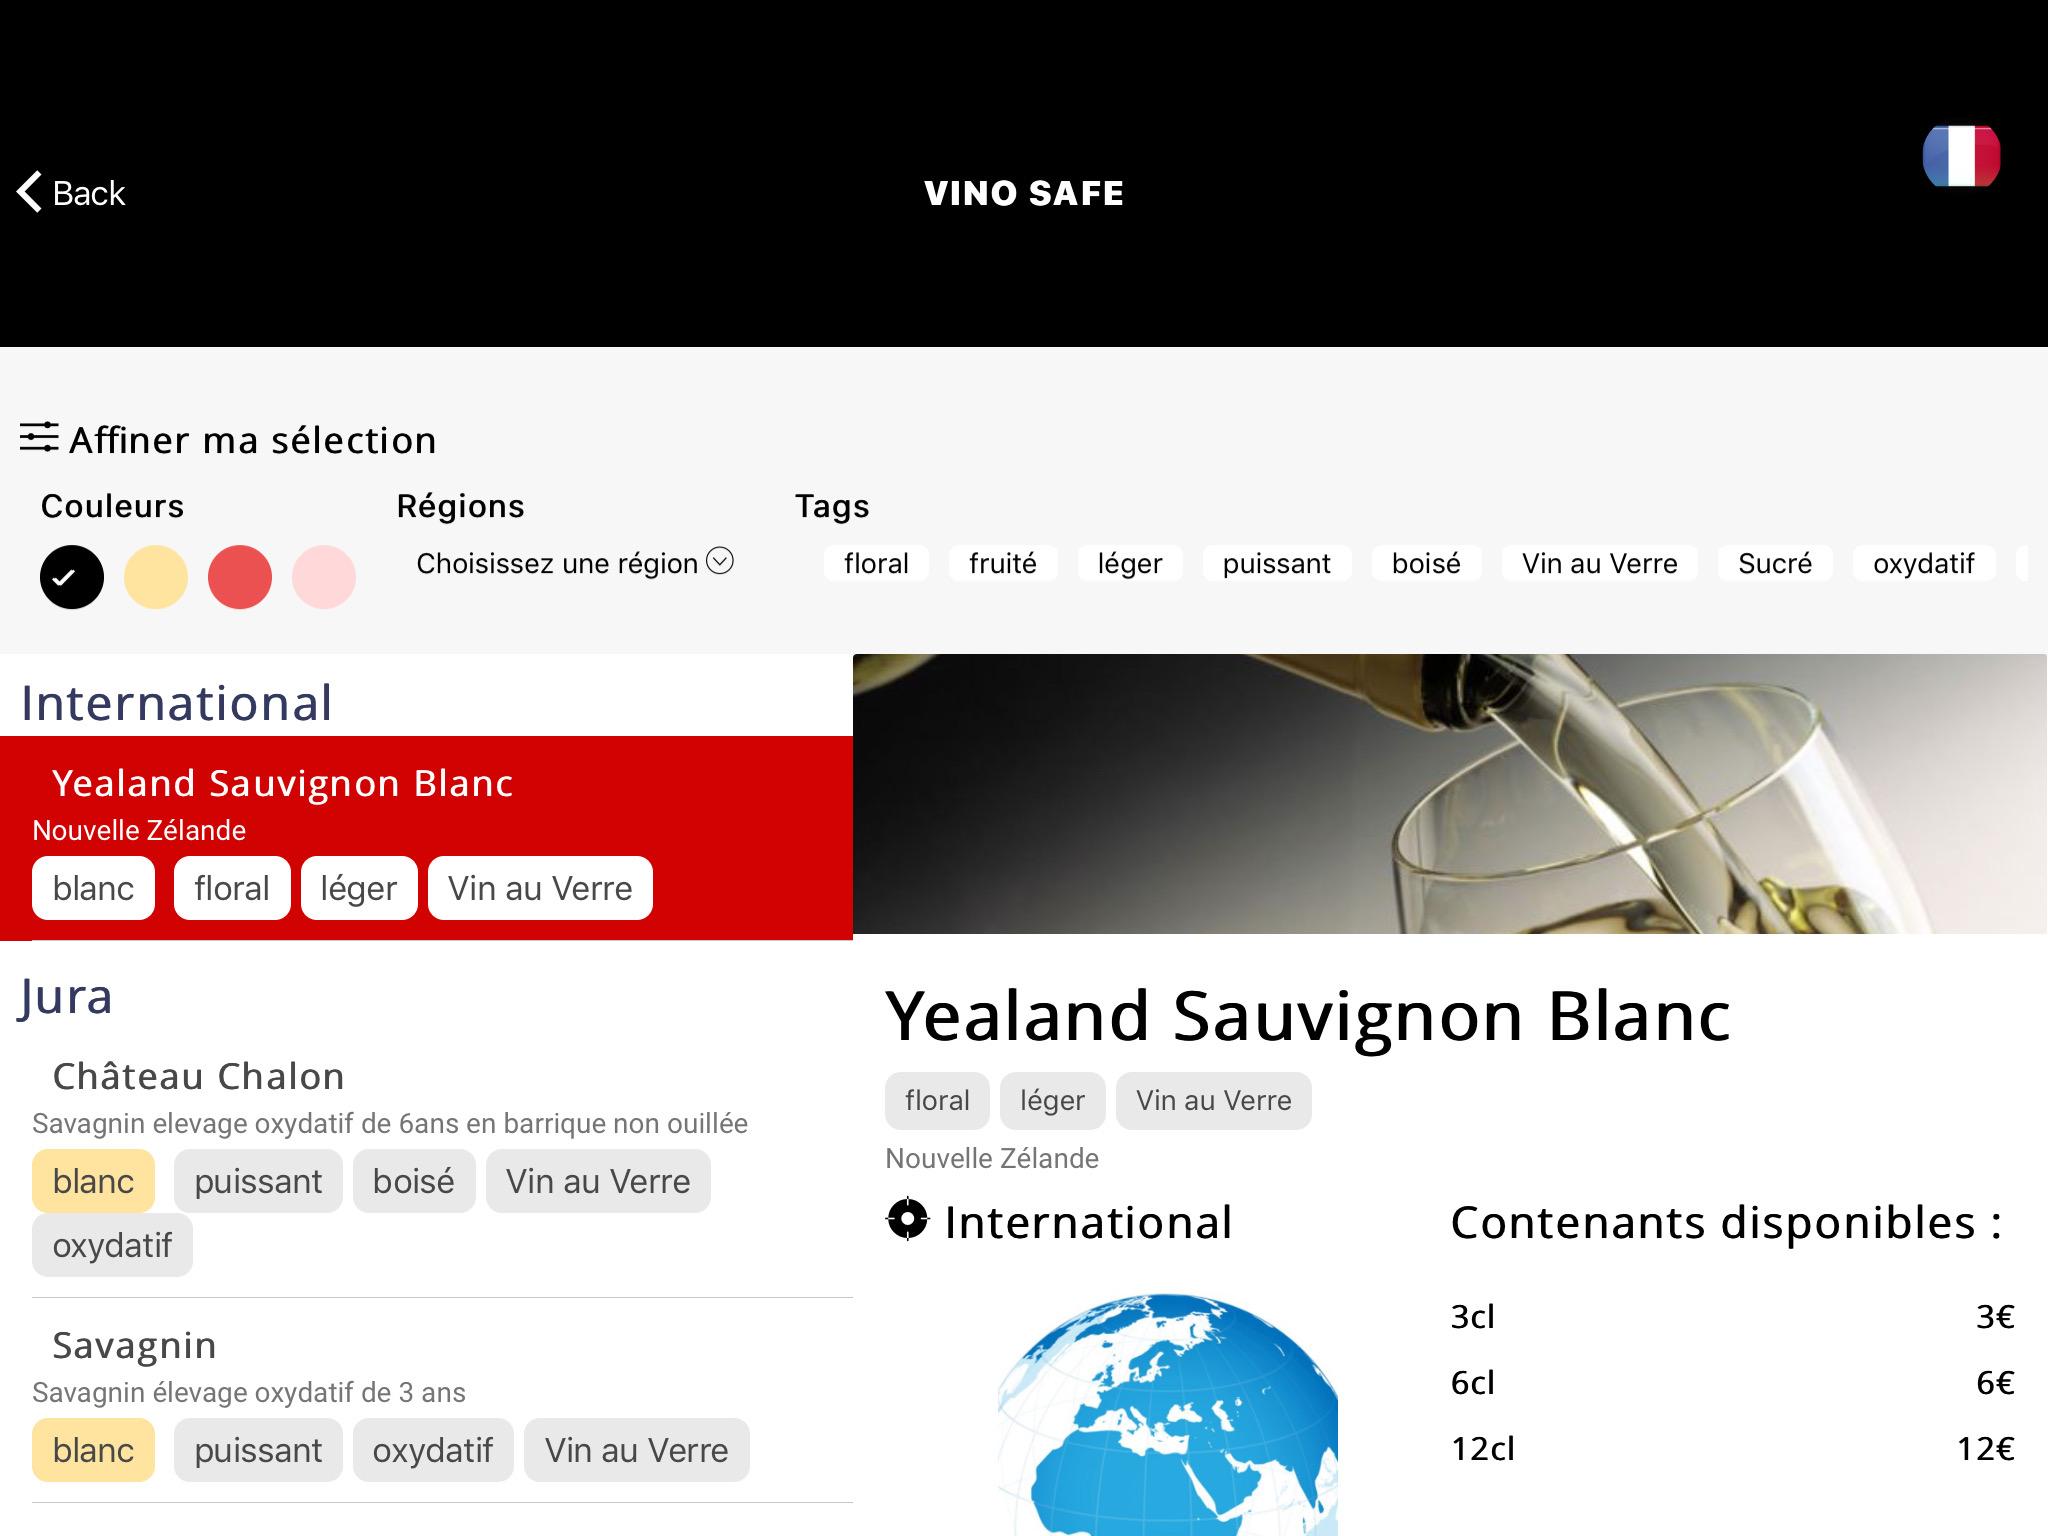 Vins étrangers carte des vins sur ipad.jpg